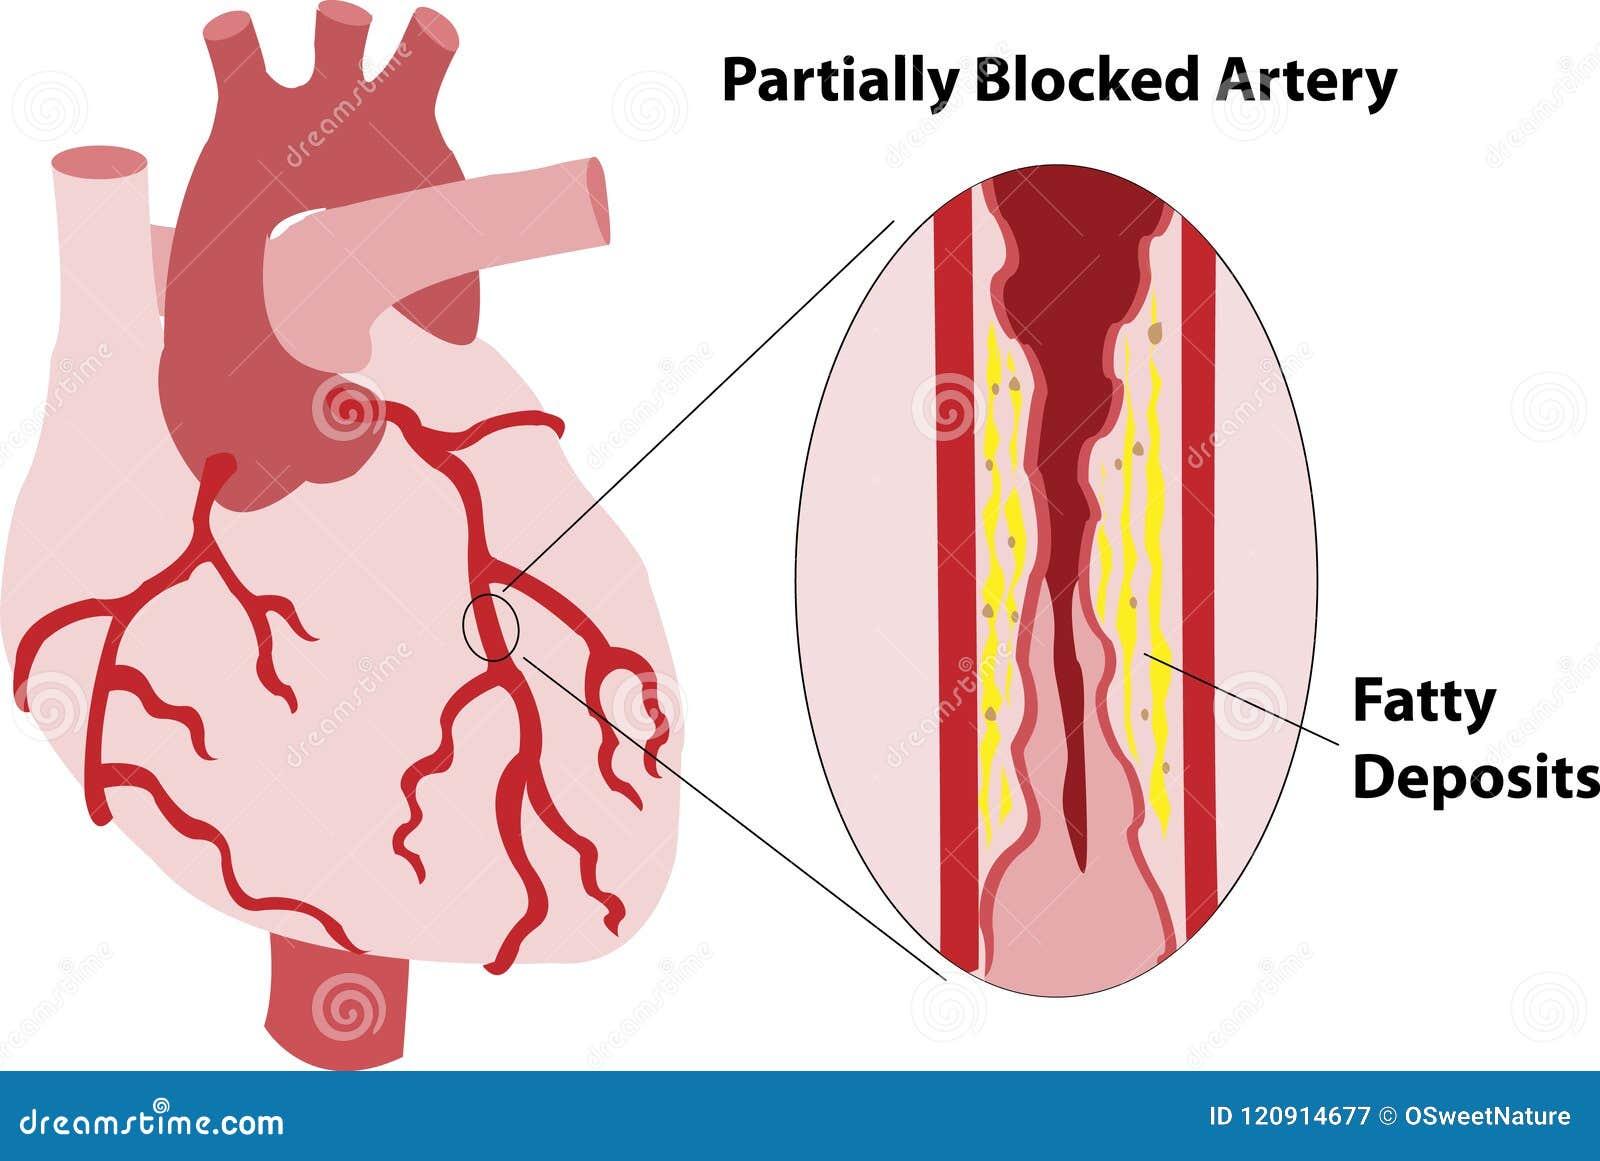 Partially Blocked Coronary Artery Stock Image Illustration